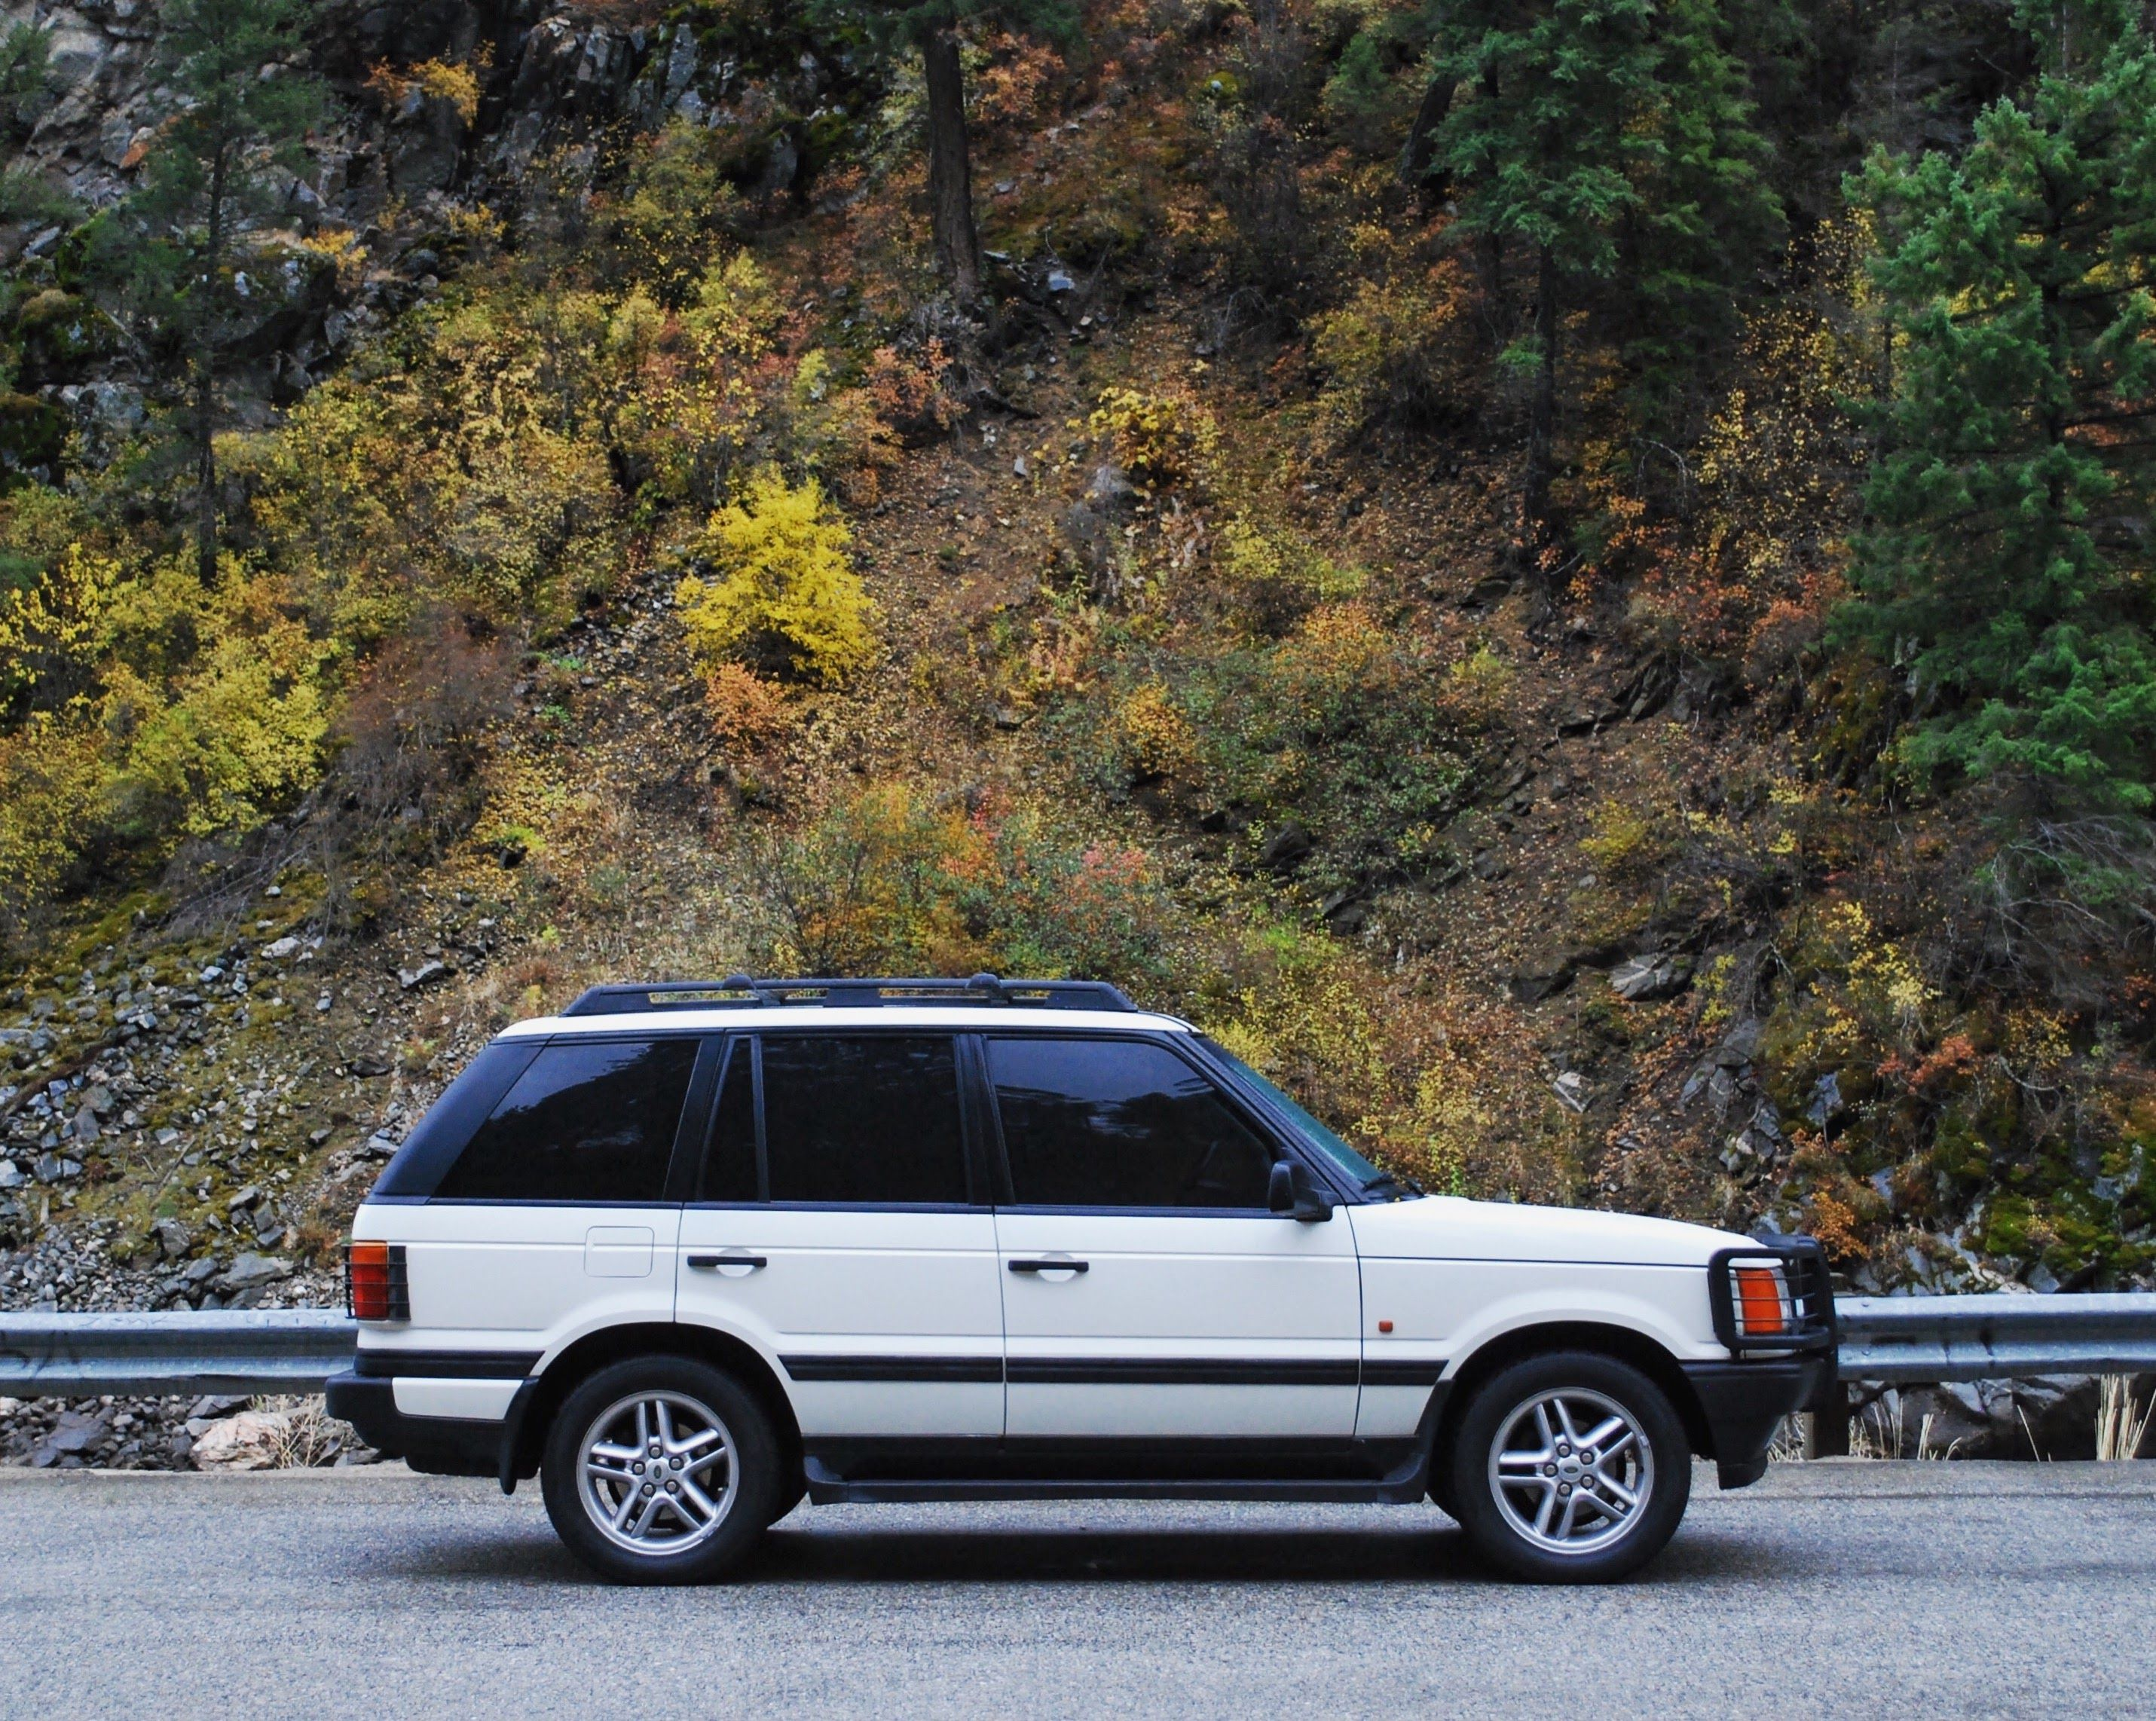 1999 range rover p38 4 6 hse rangeroverp38 landrover [ 2861 x 2284 Pixel ]